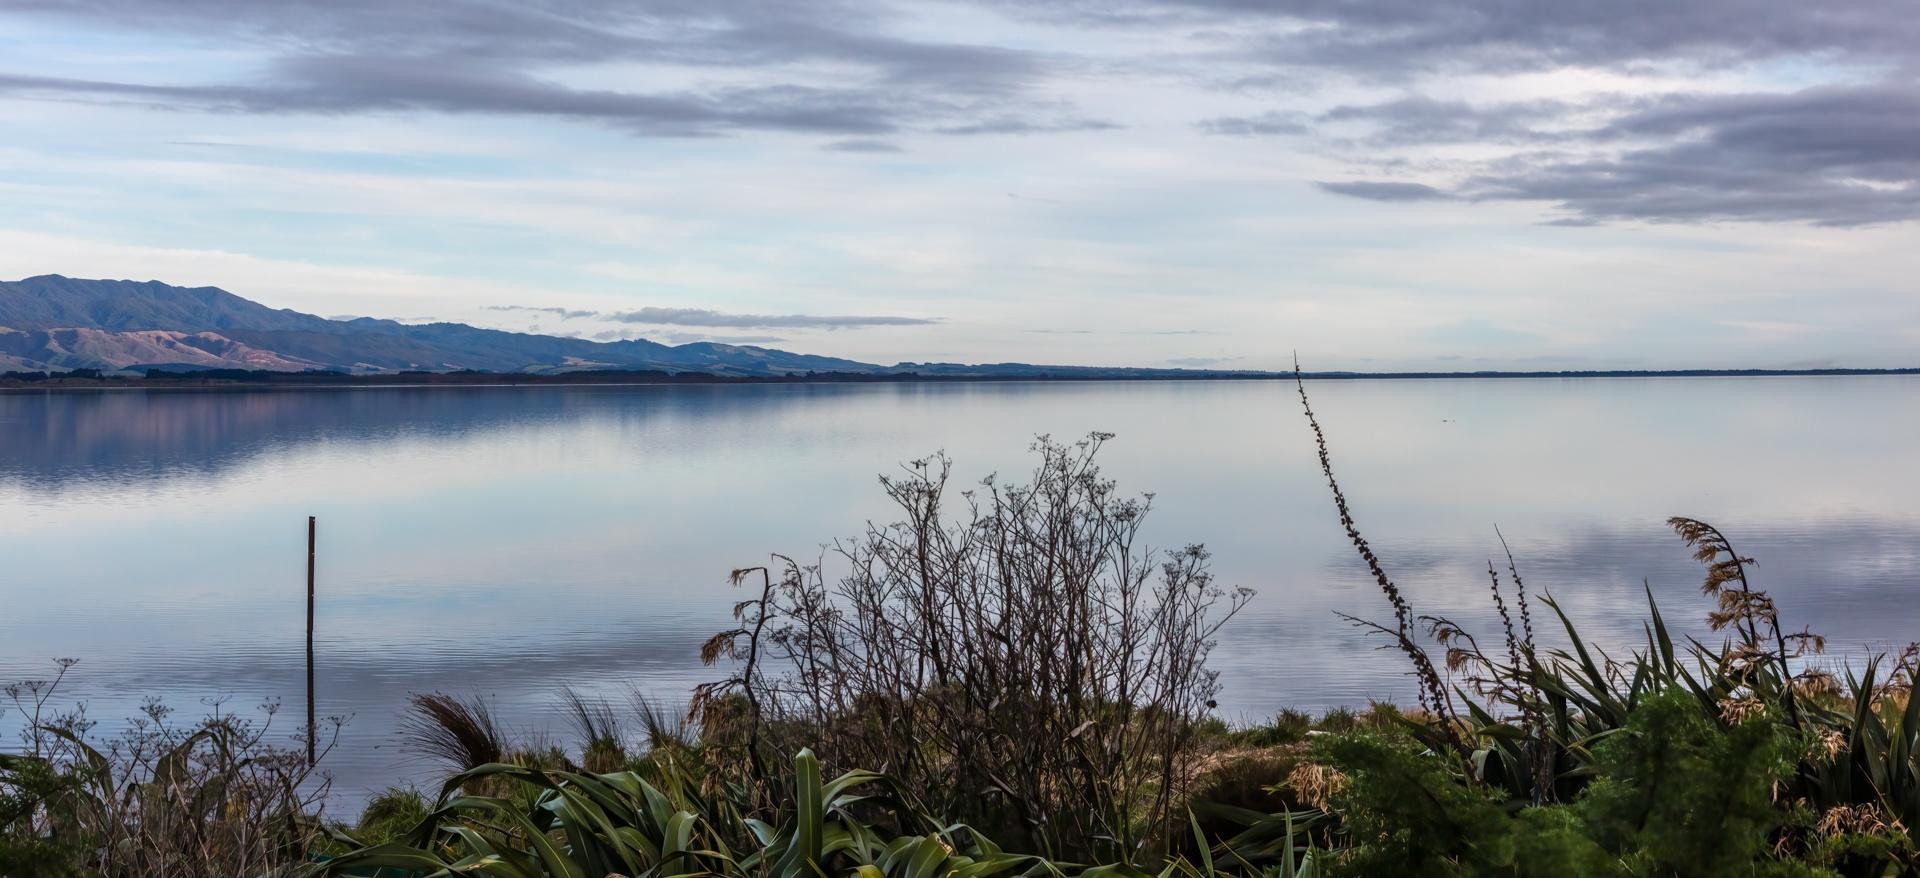 Lake Wairarapa, NZ - 2